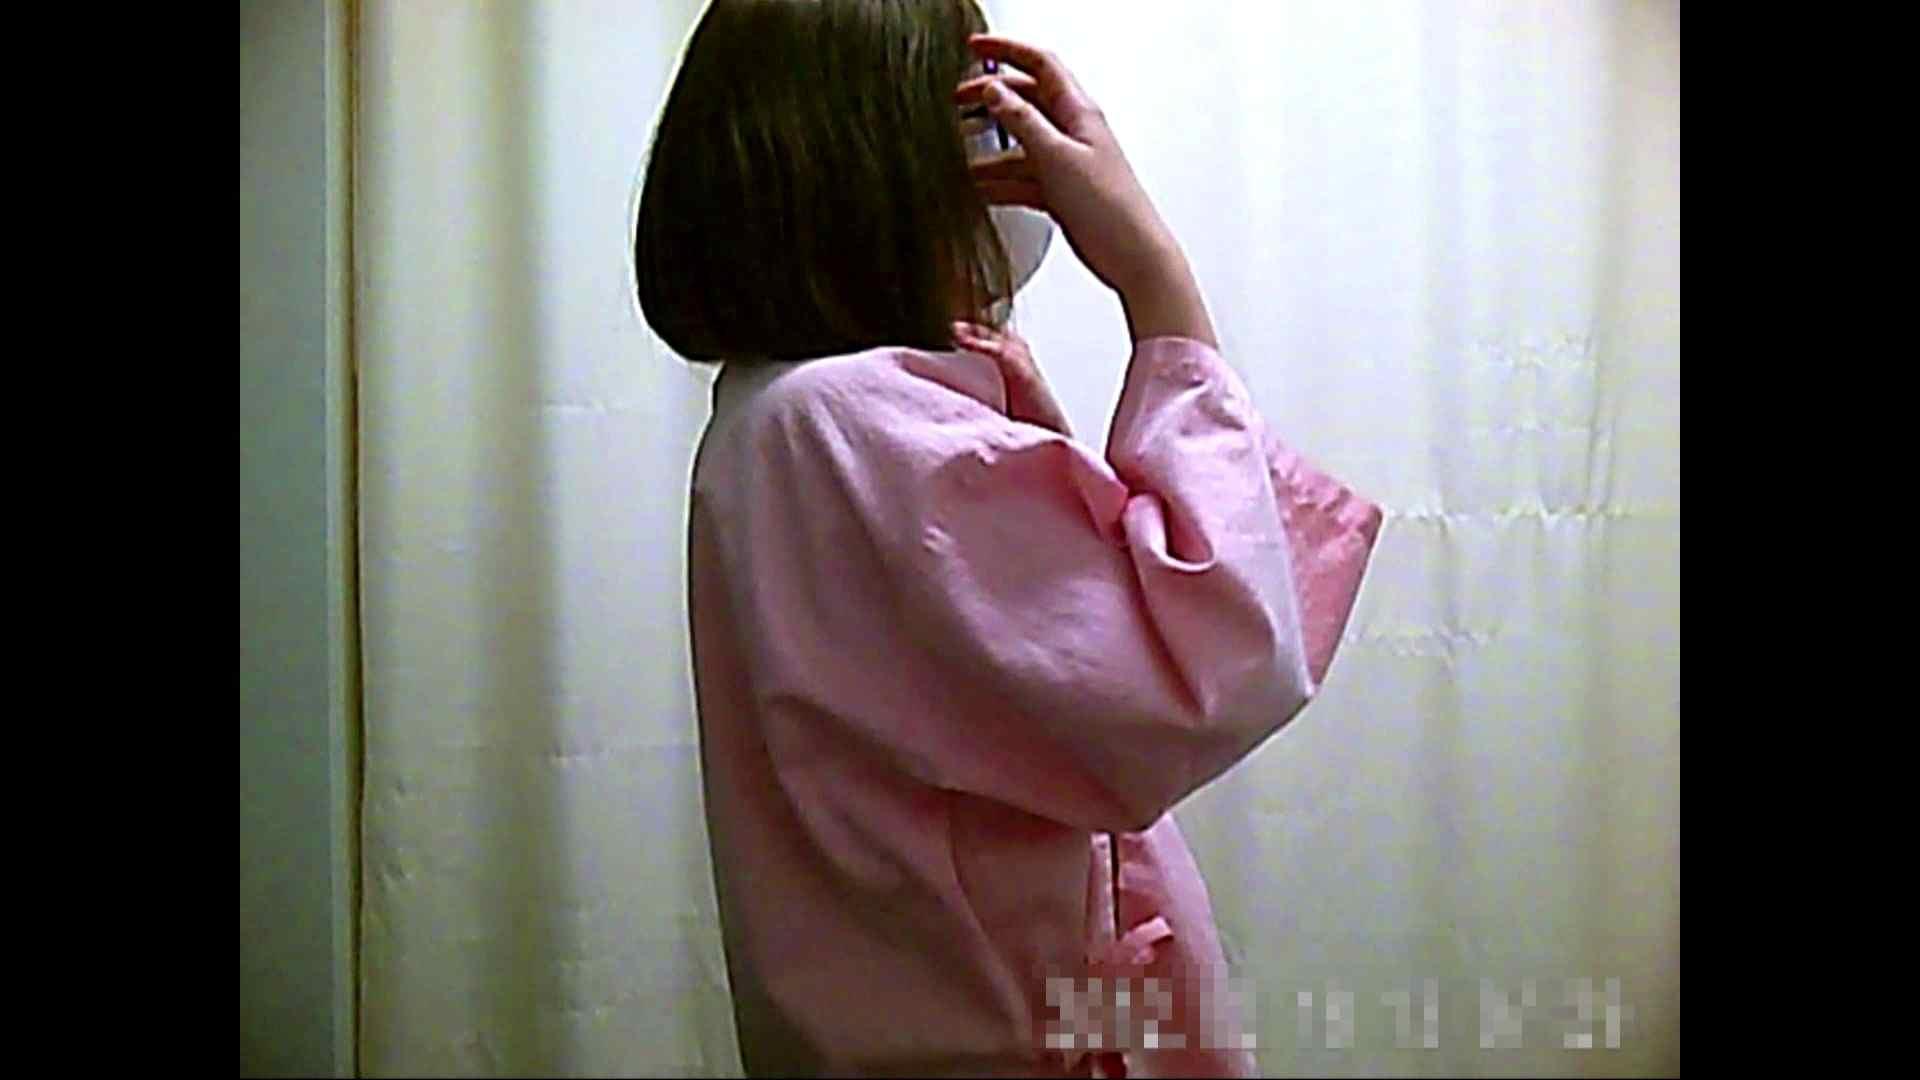 病院おもいっきり着替え! vol.259 娘 のぞき動画画像 31連発 12